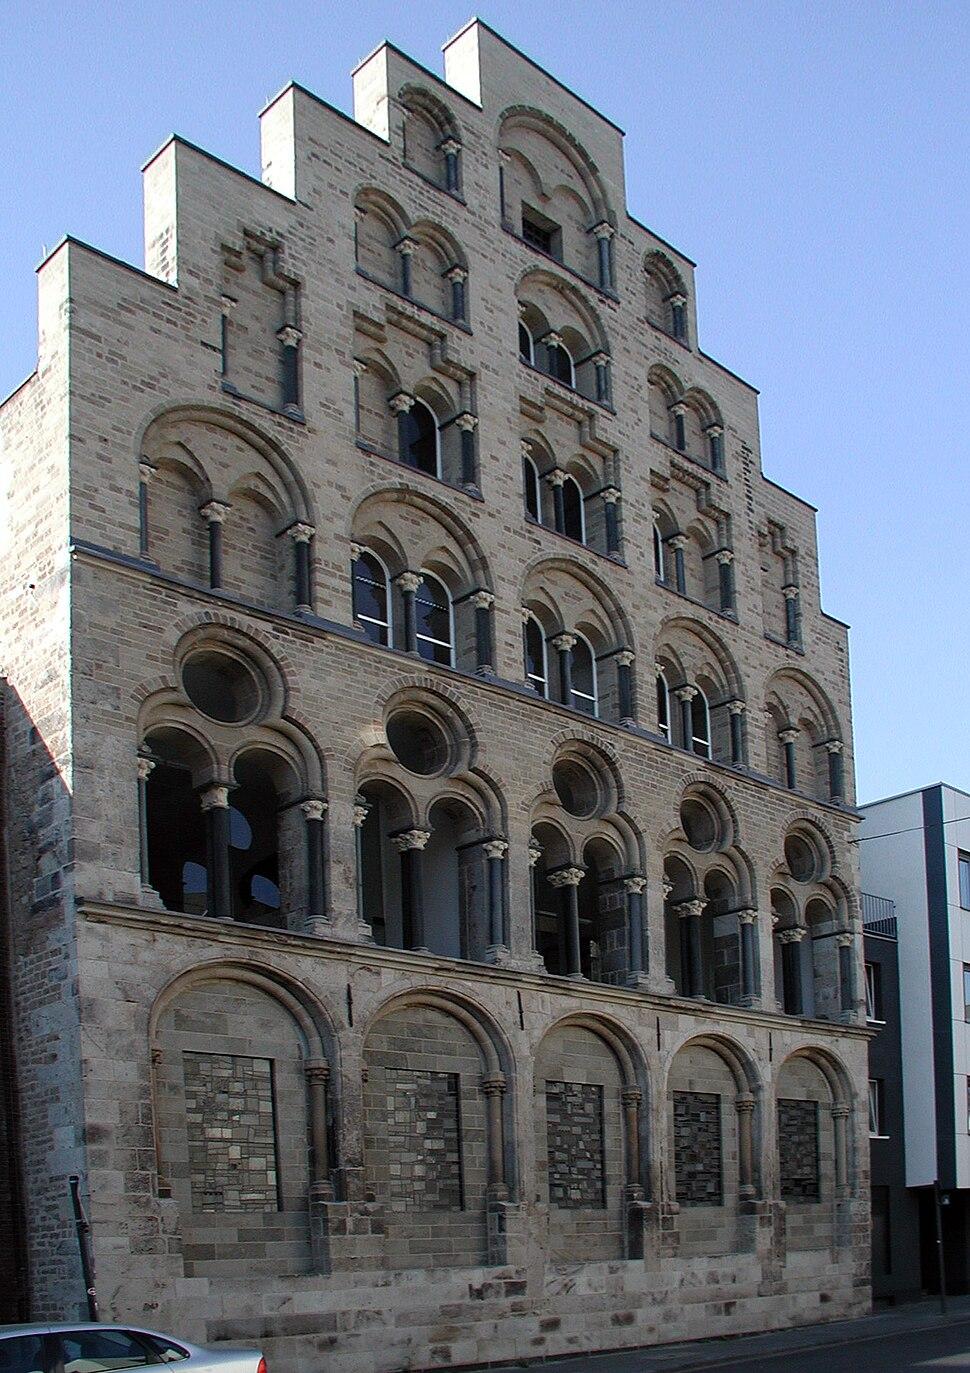 Overstolzenhaus-Rheingasse-K%C3%B6ln